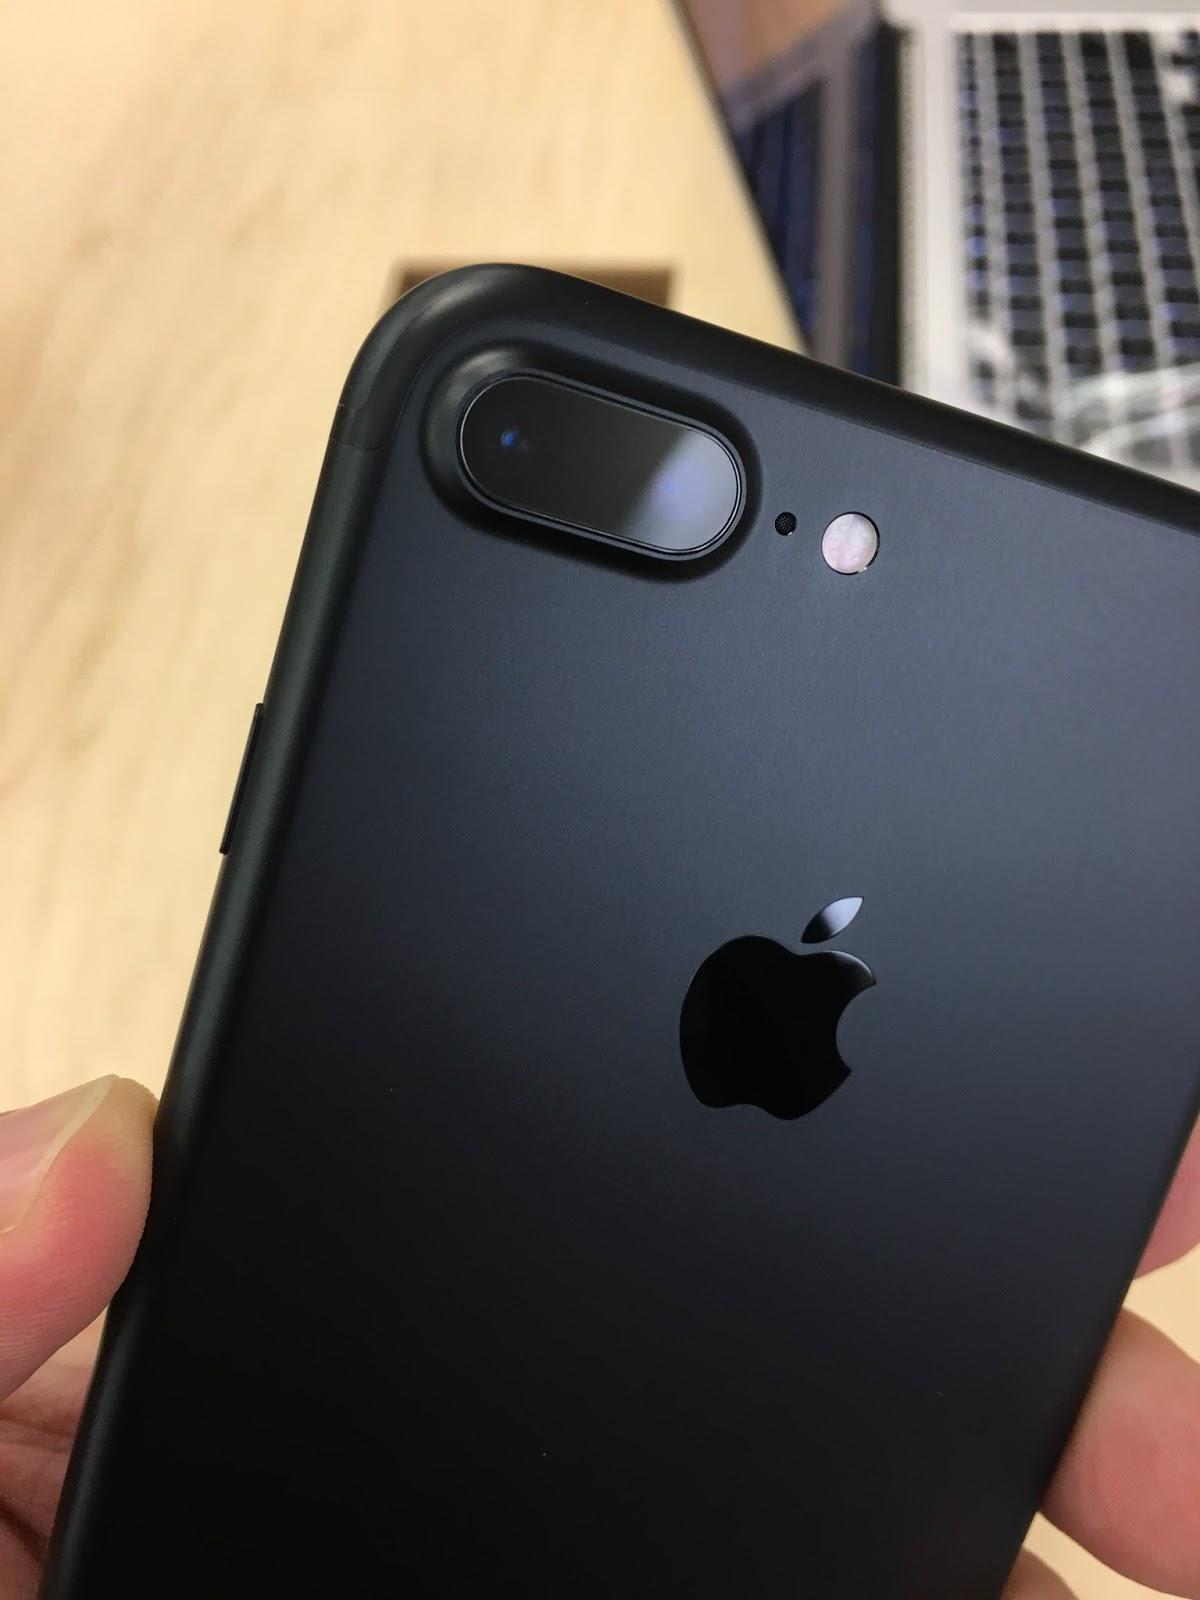 Smartphone Fanatics Apple Iphone 7 Plus Unboxing